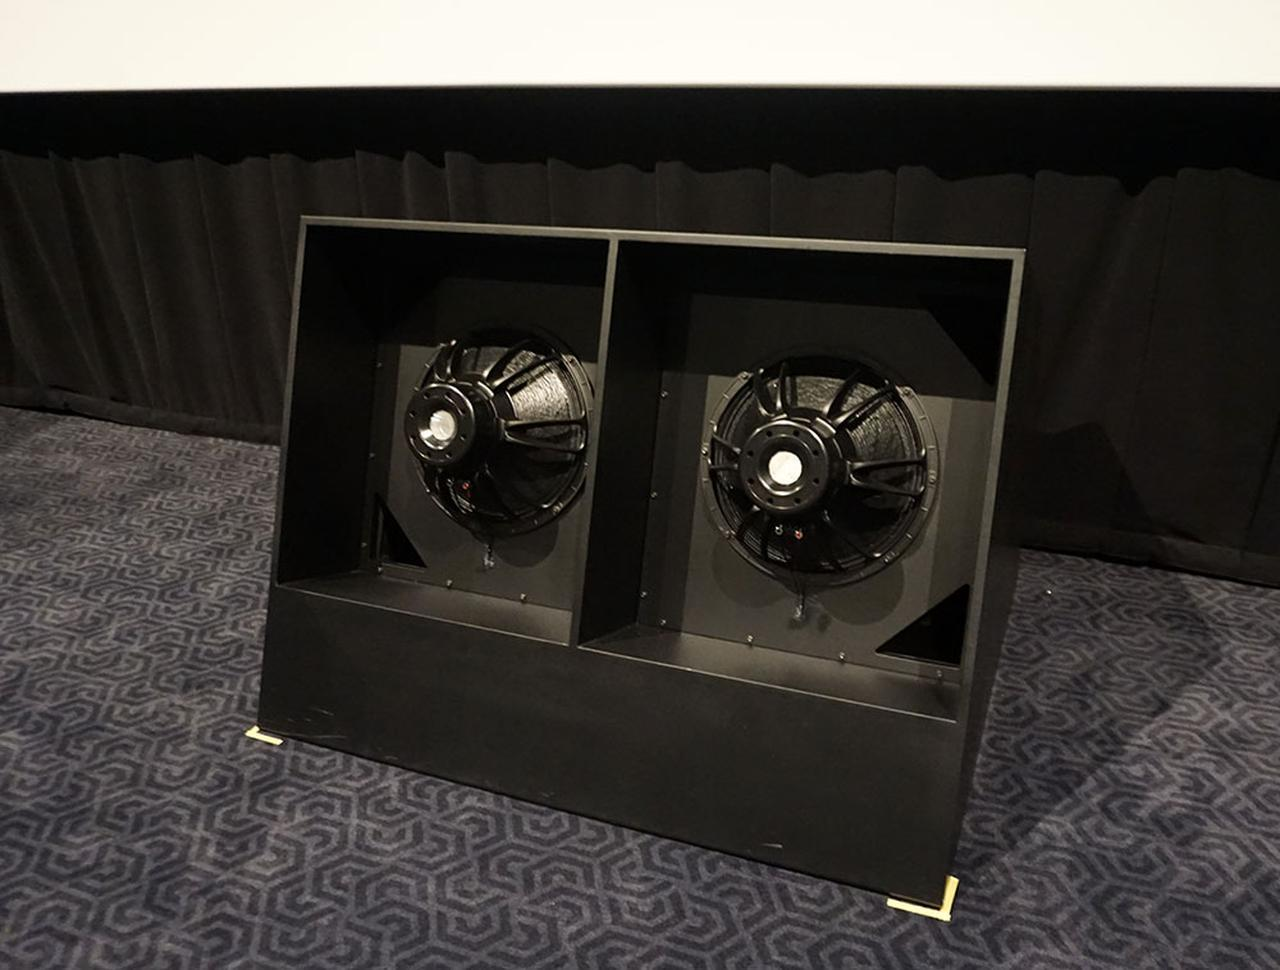 """画像: 全身が震える低音と、リアルなサラウンドで差別化を訴求! """"TOHOシネマズ池袋"""" の3つのスクリーンを体験し、新しい情報発信基地としての可能性を感じた - Stereo Sound ONLINE"""